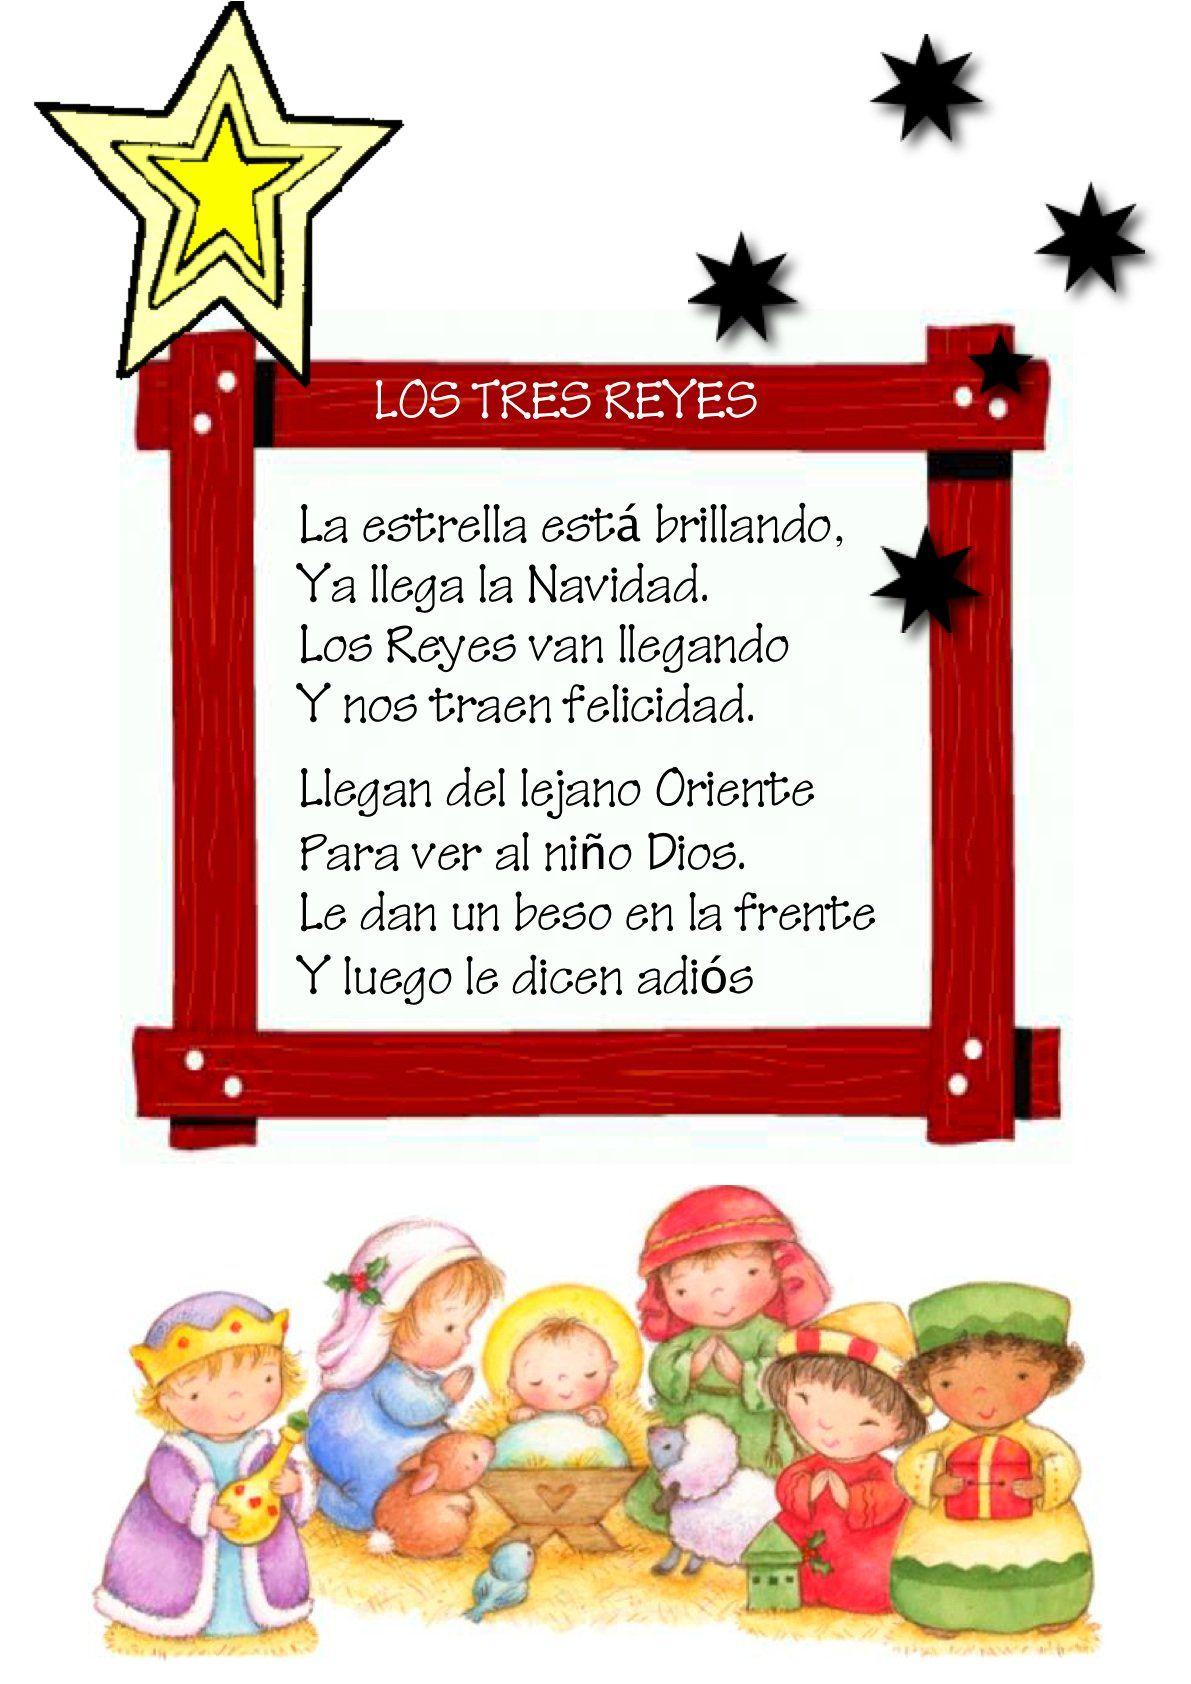 Frases de navidad para ni os divertidas navidad poemas - Felicitaciones de navidad originales para ninos ...